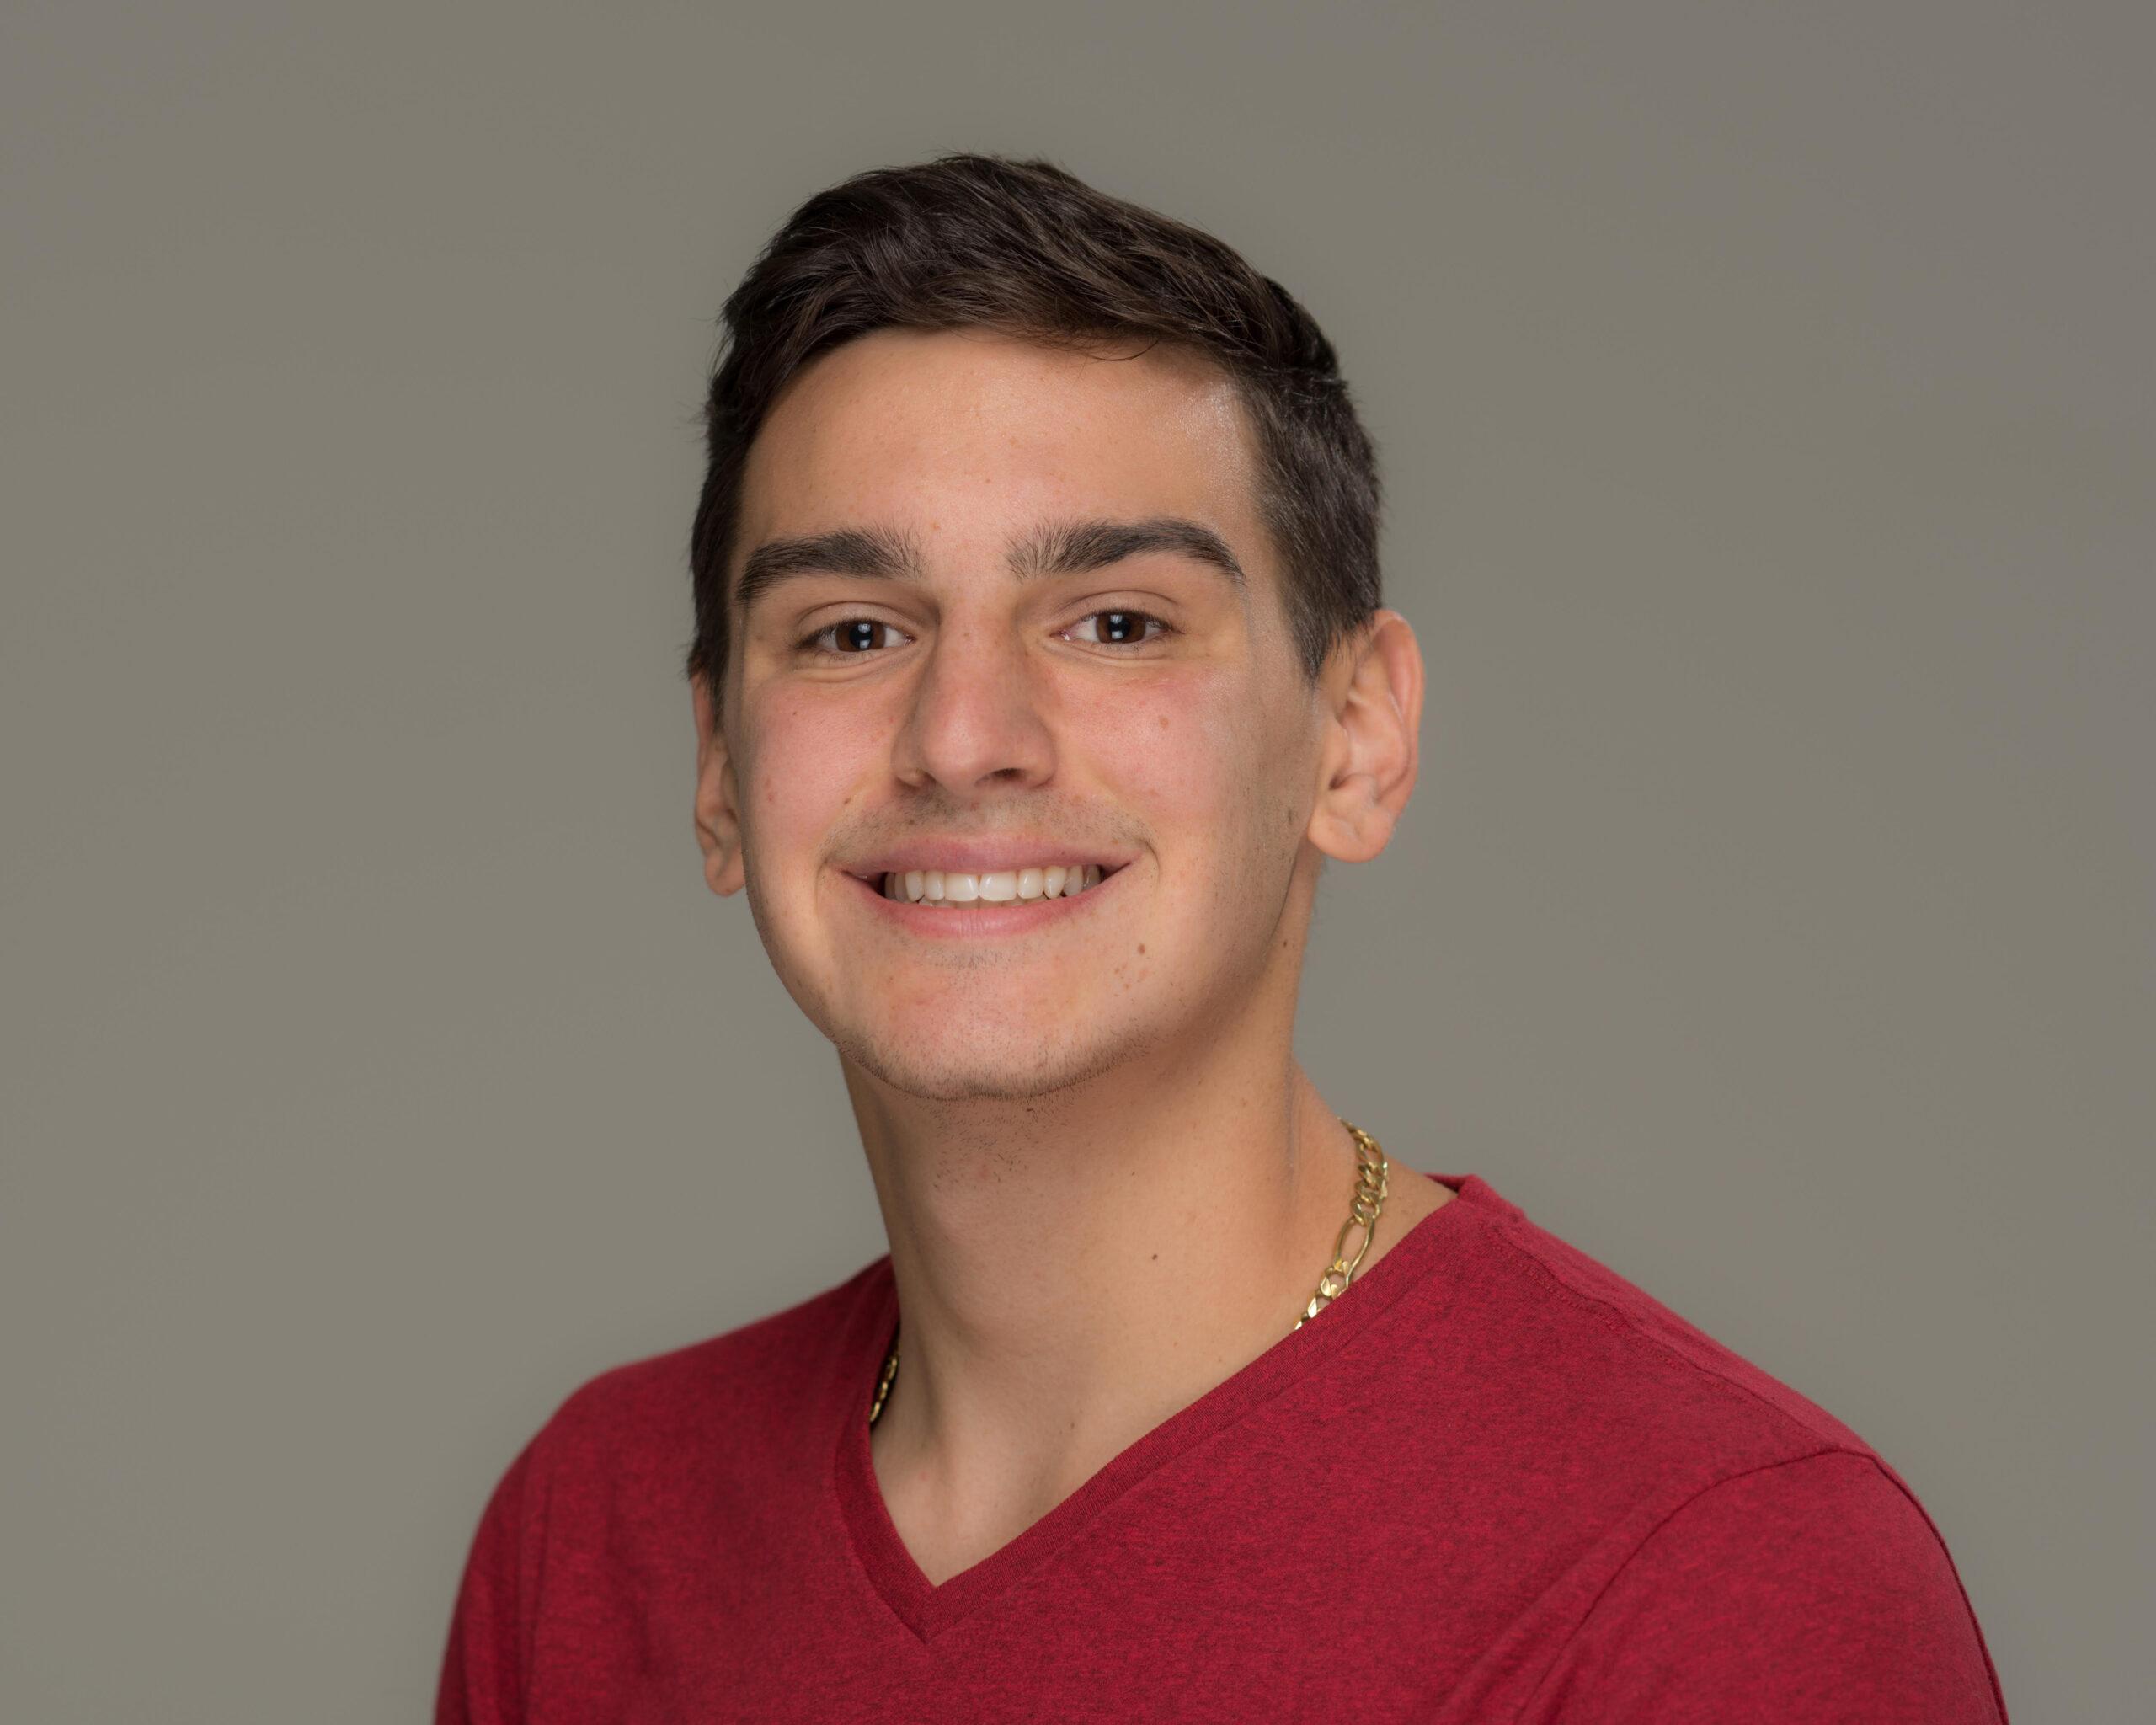 Picture of Nick Alvarez